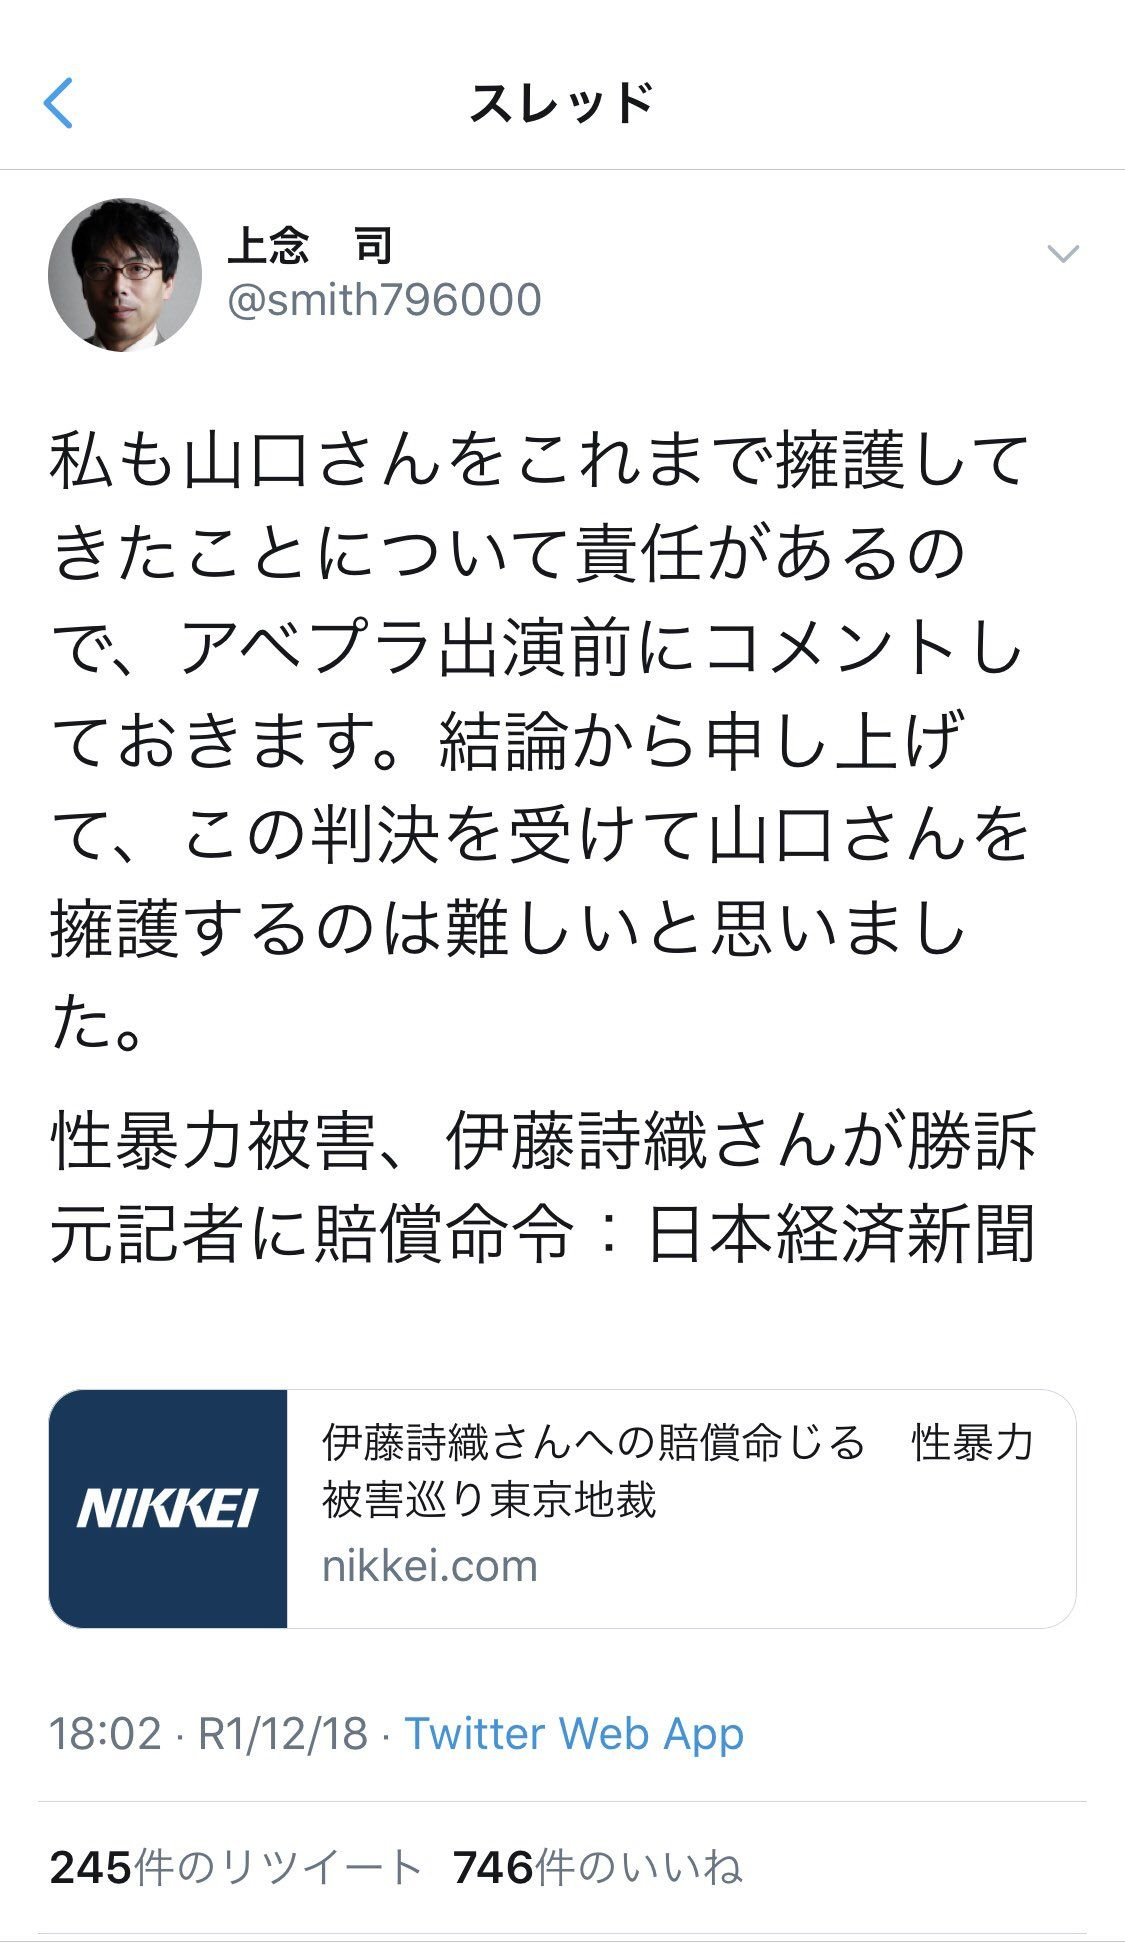 念 ツイッター 上 司 【上念司】銀行の嫌な思い出差別的な銀行なんてもういらない!